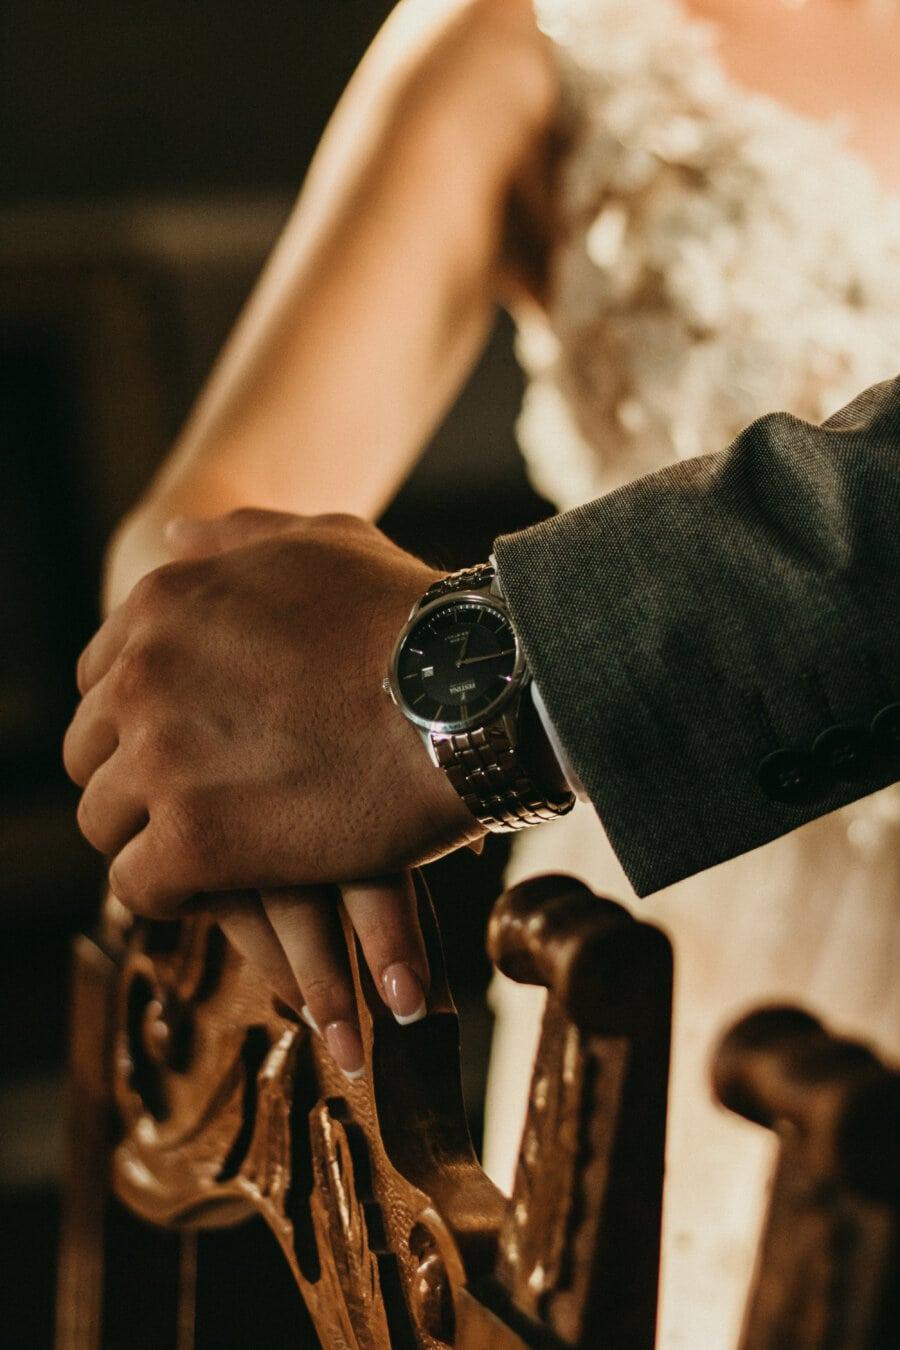 аналогов часовник, ръчен часовник, джентълмен, лукс, държейки се за ръце, лейди, ръка, нежност, докосване, кожата